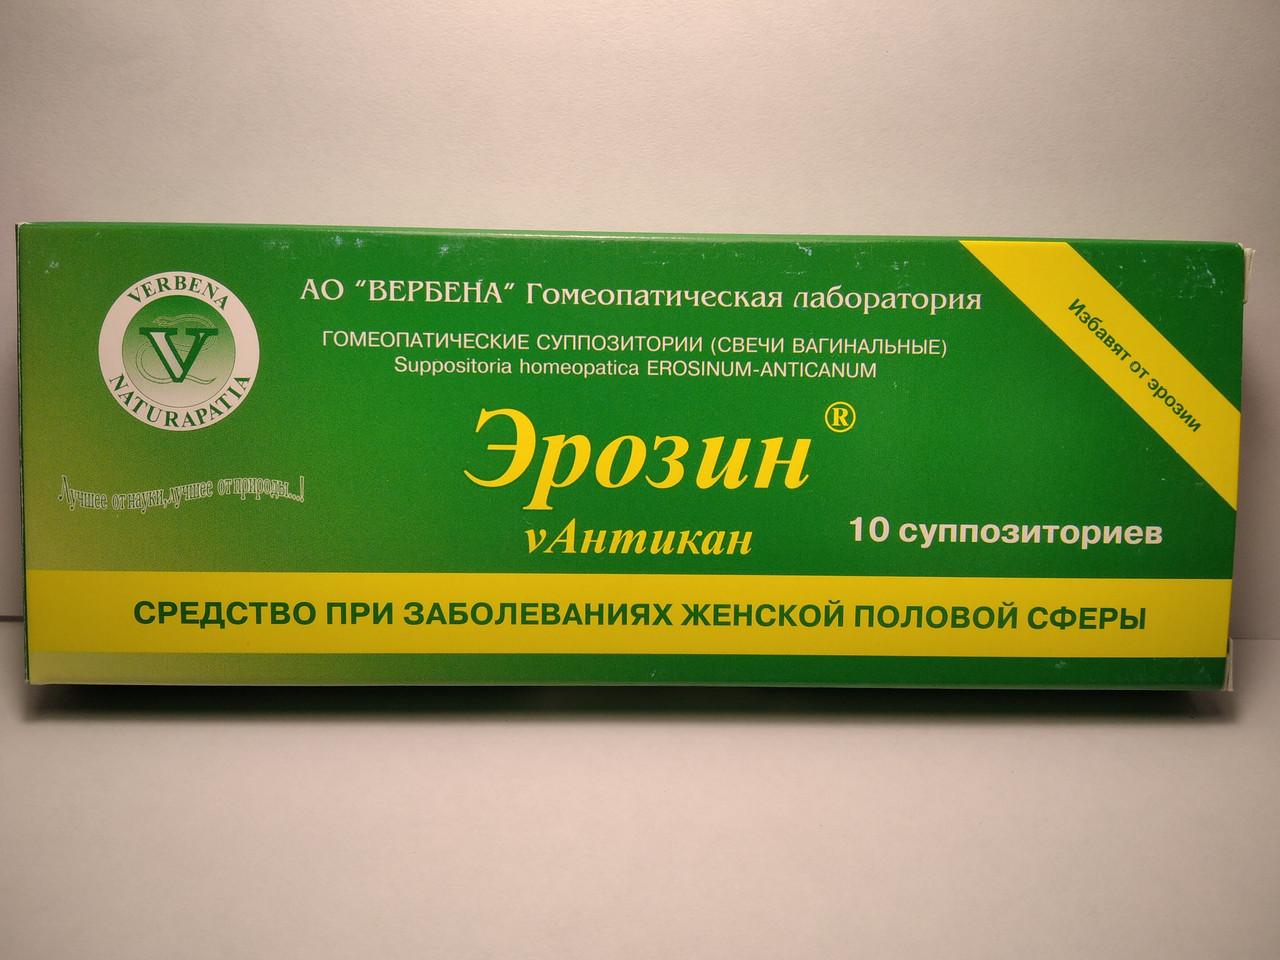 Свечи от эрозии Эрозин гомеопатические 10 шт Вербена